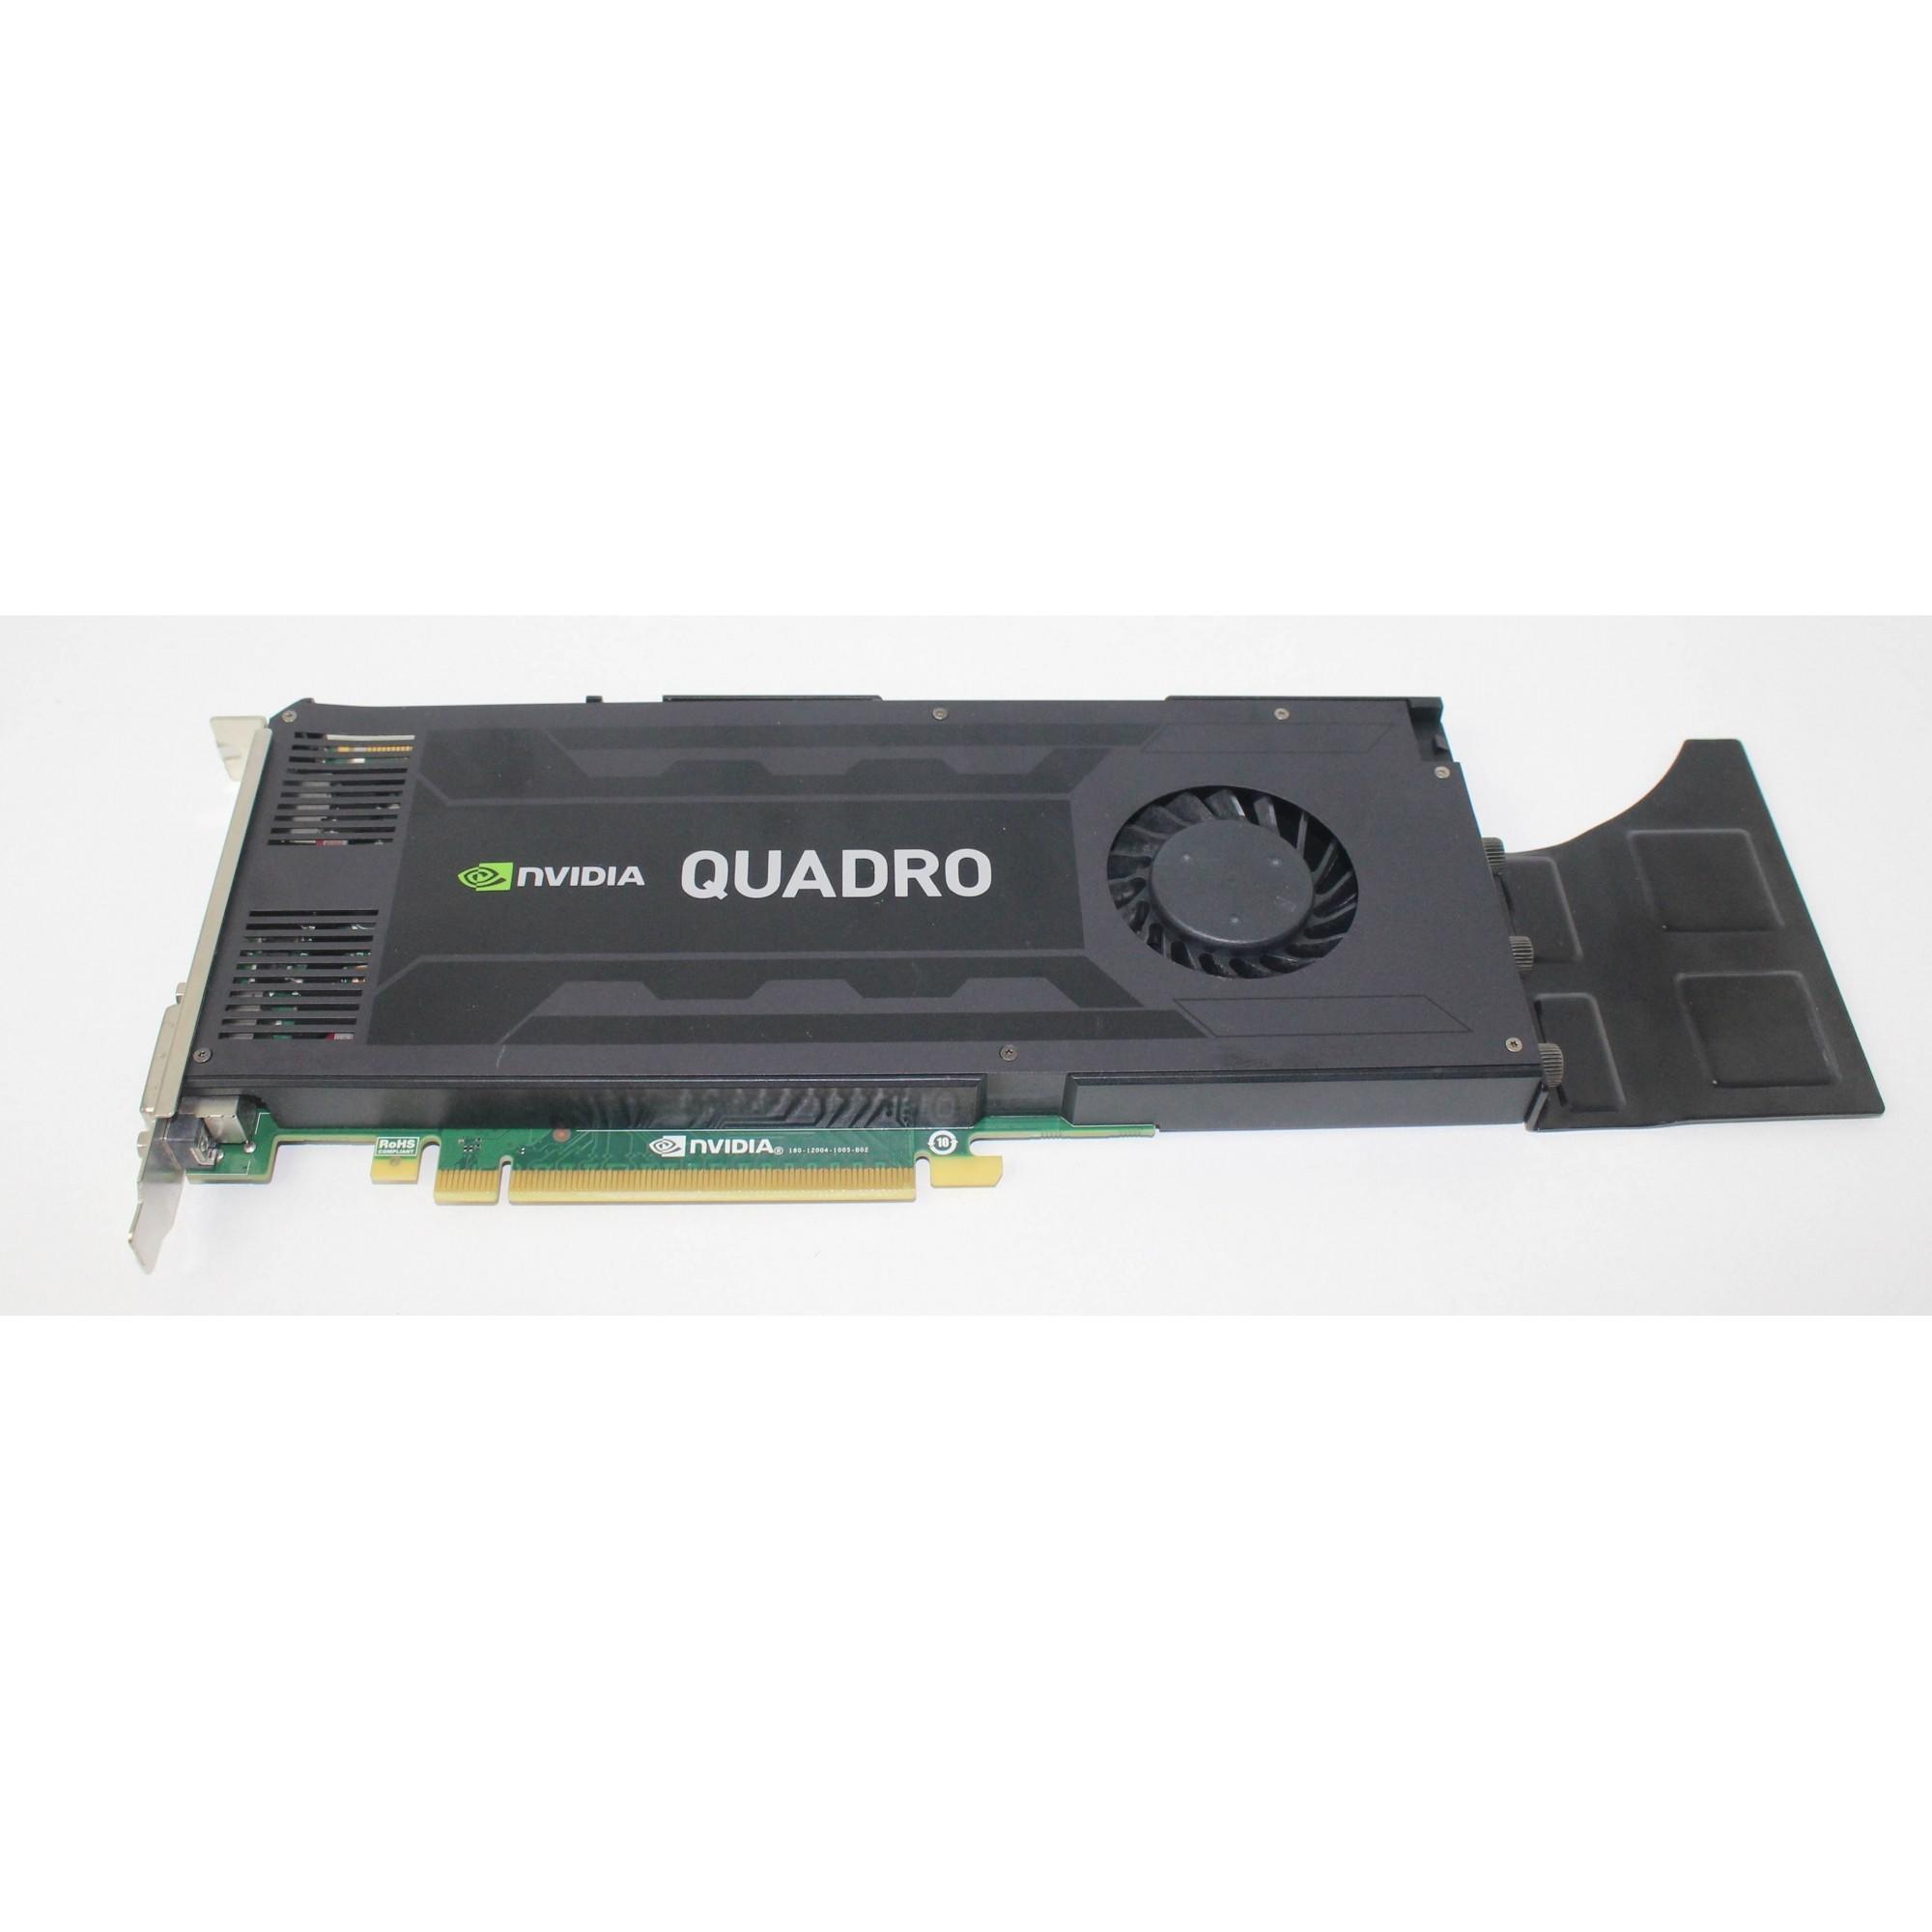 Placa De Vídeo Nvidia Quadro K4200 4gb Gddr5